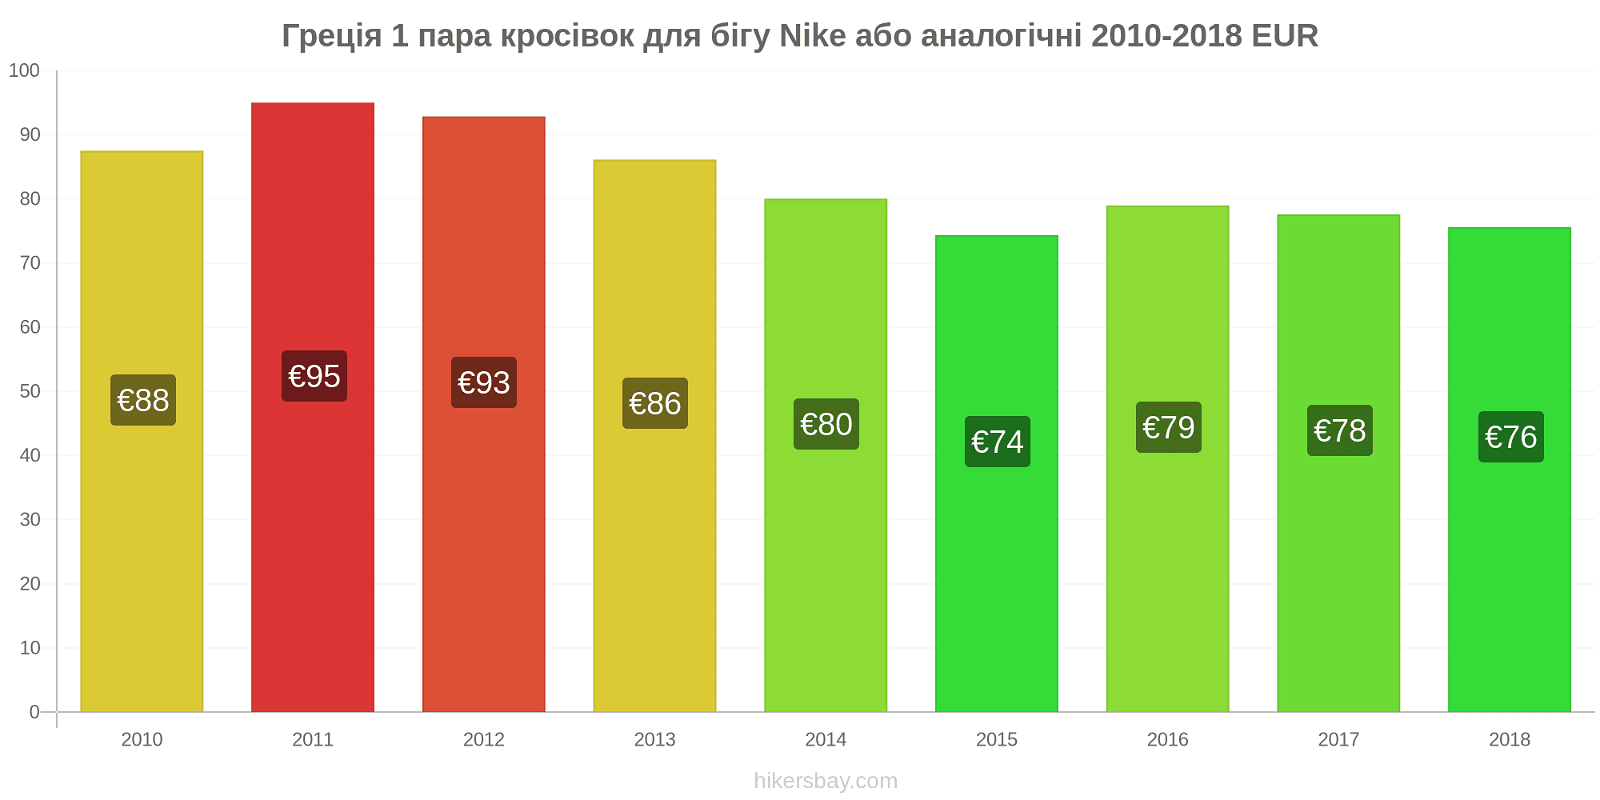 Греція зміни цін 1 пара кросівок для бігу Nike або аналогічні hikersbay.com